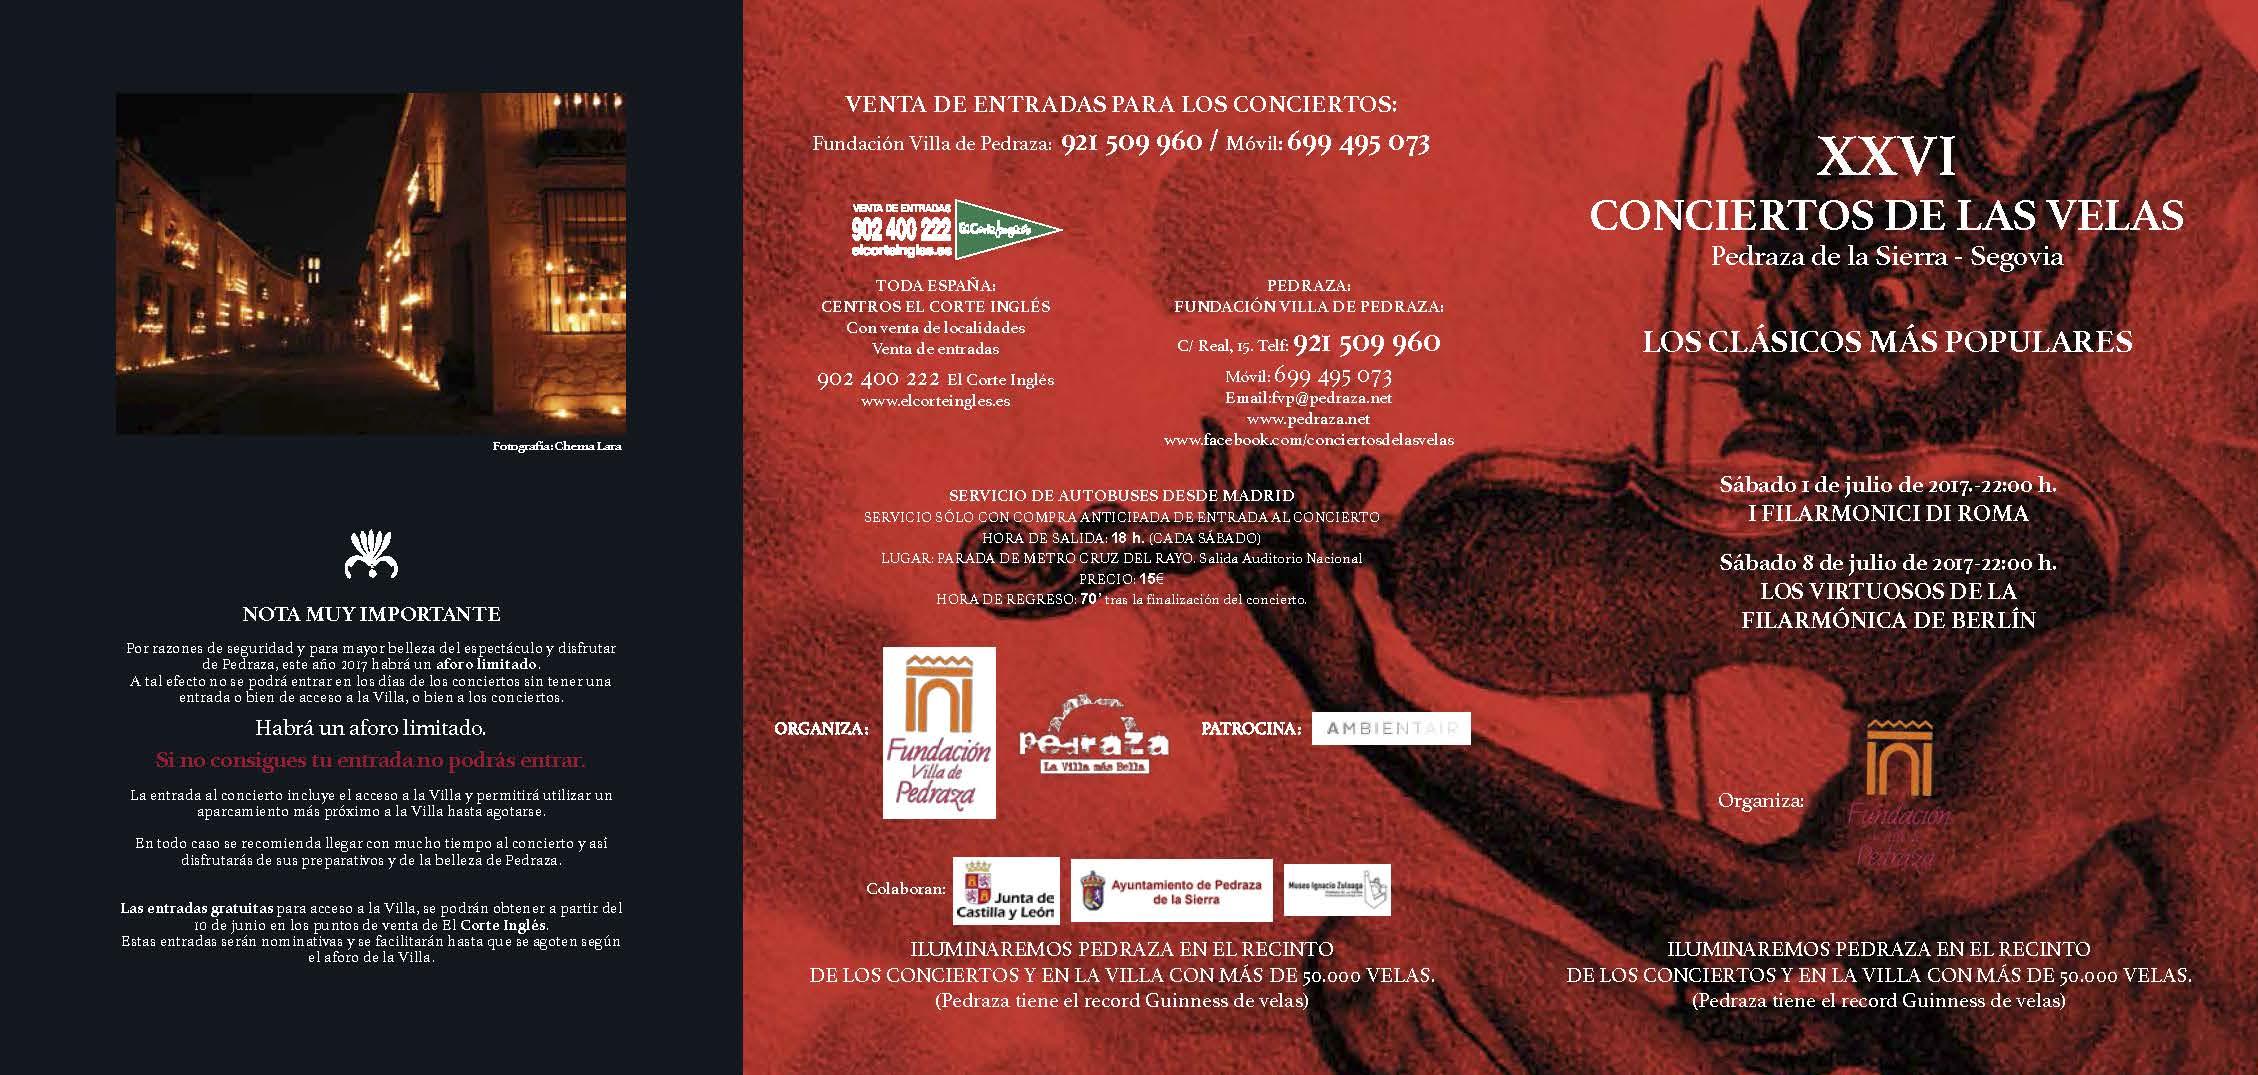 concierto de las velas pedraza 2017